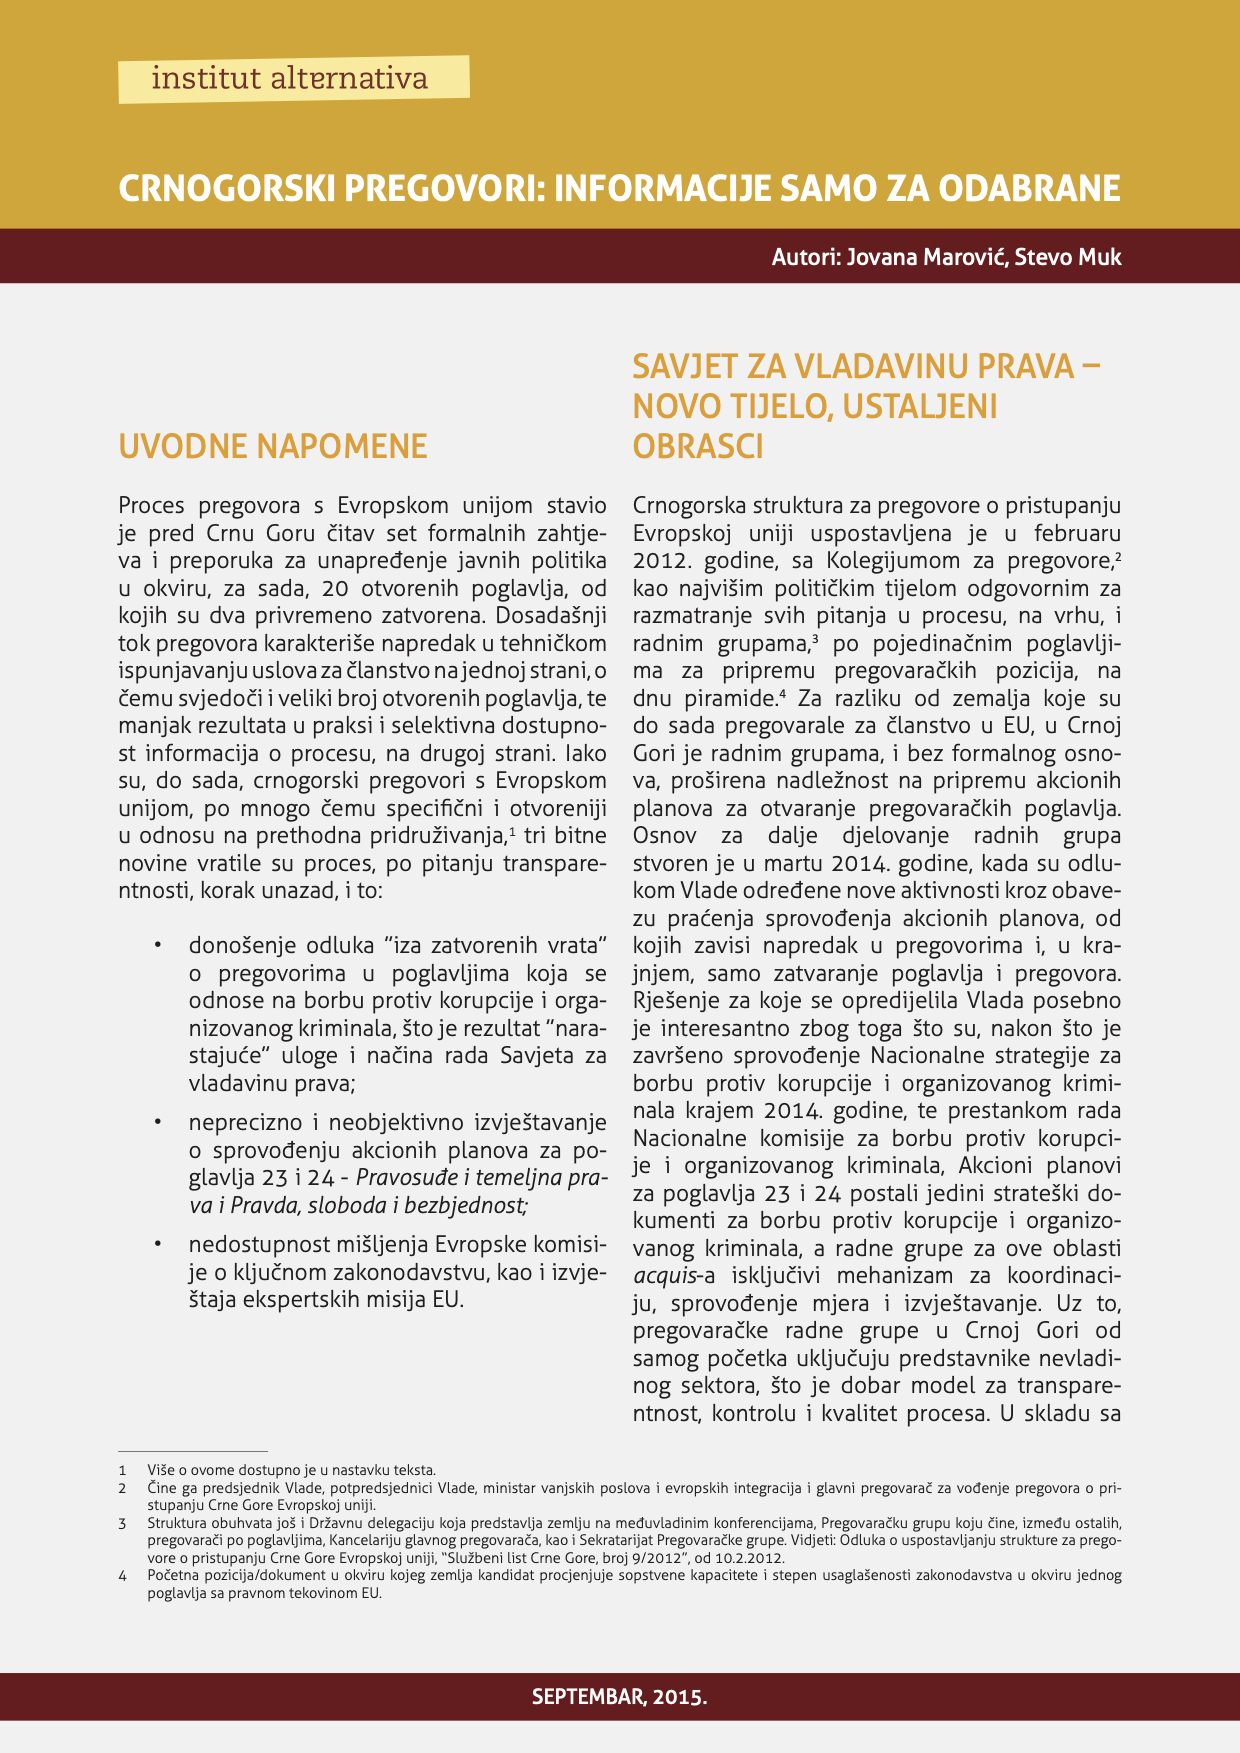 Crnogorski pregovori: informacije samo za odabrane